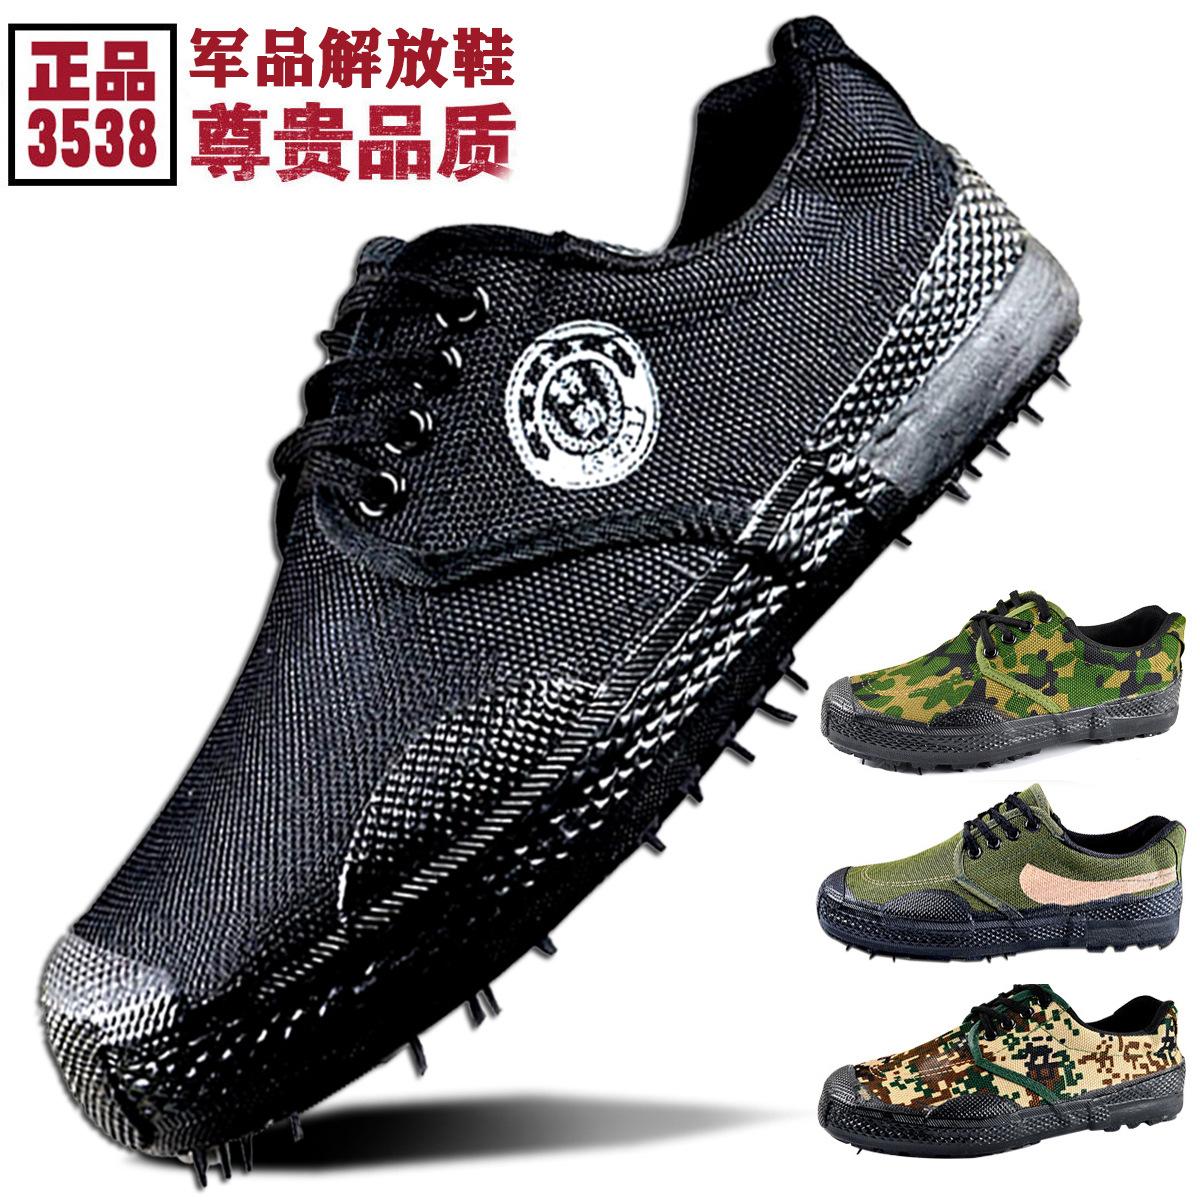 3538 giày cao su nam giải phóng giày bảo hộ lao động giày bảo hộ màu đen giày an ninh thấp nhất giày huấn luyện quân sự - Giày thấp